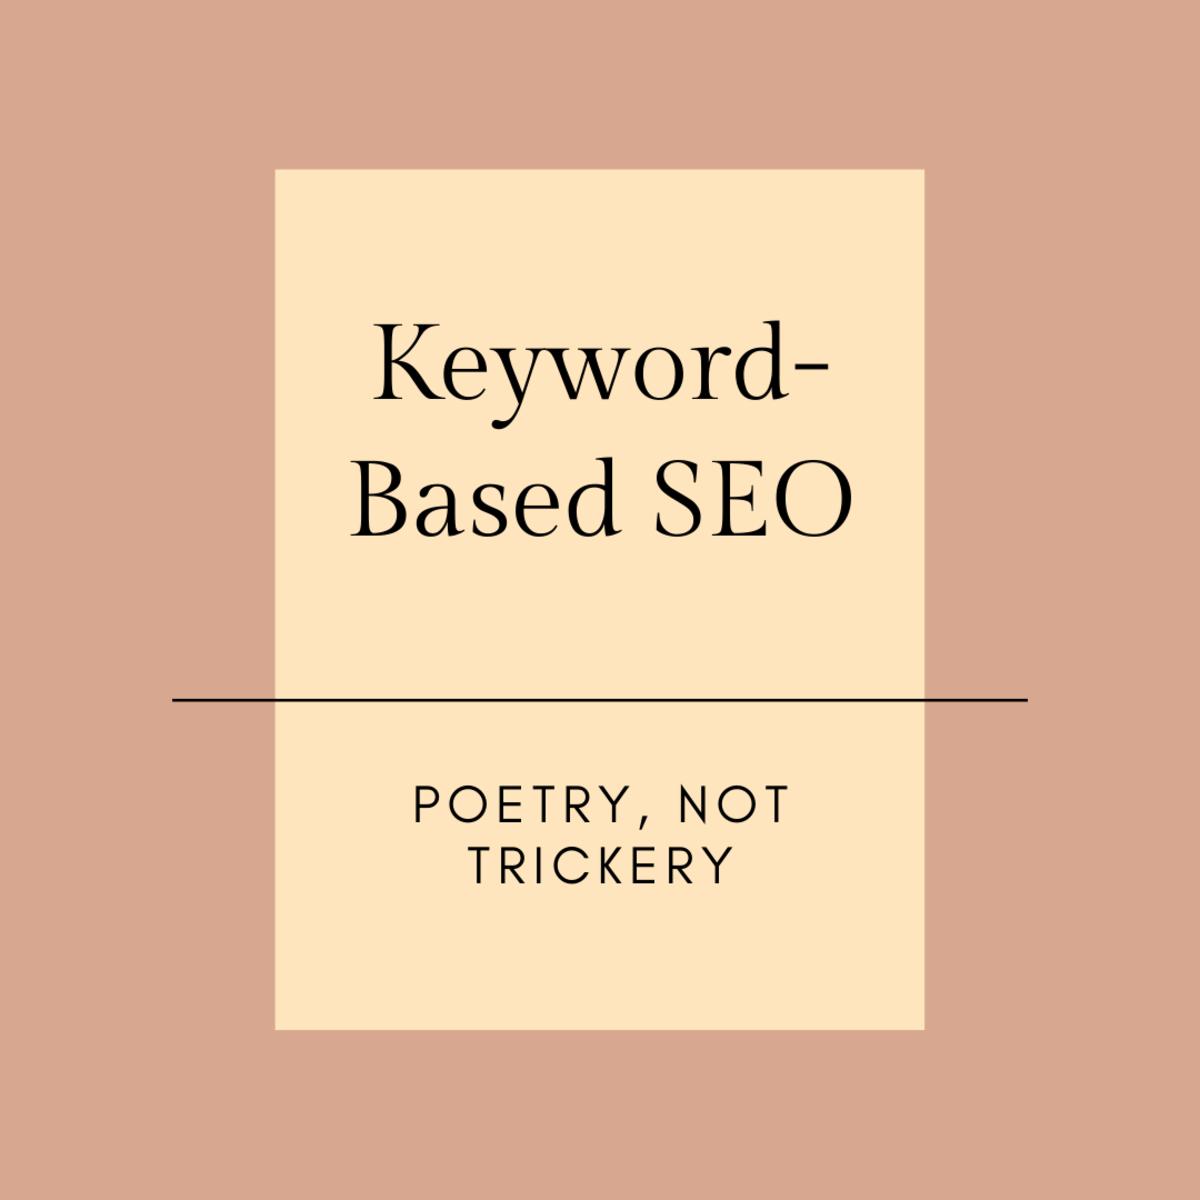 Keyword-Based SEO Is Poetry, Not Trickery